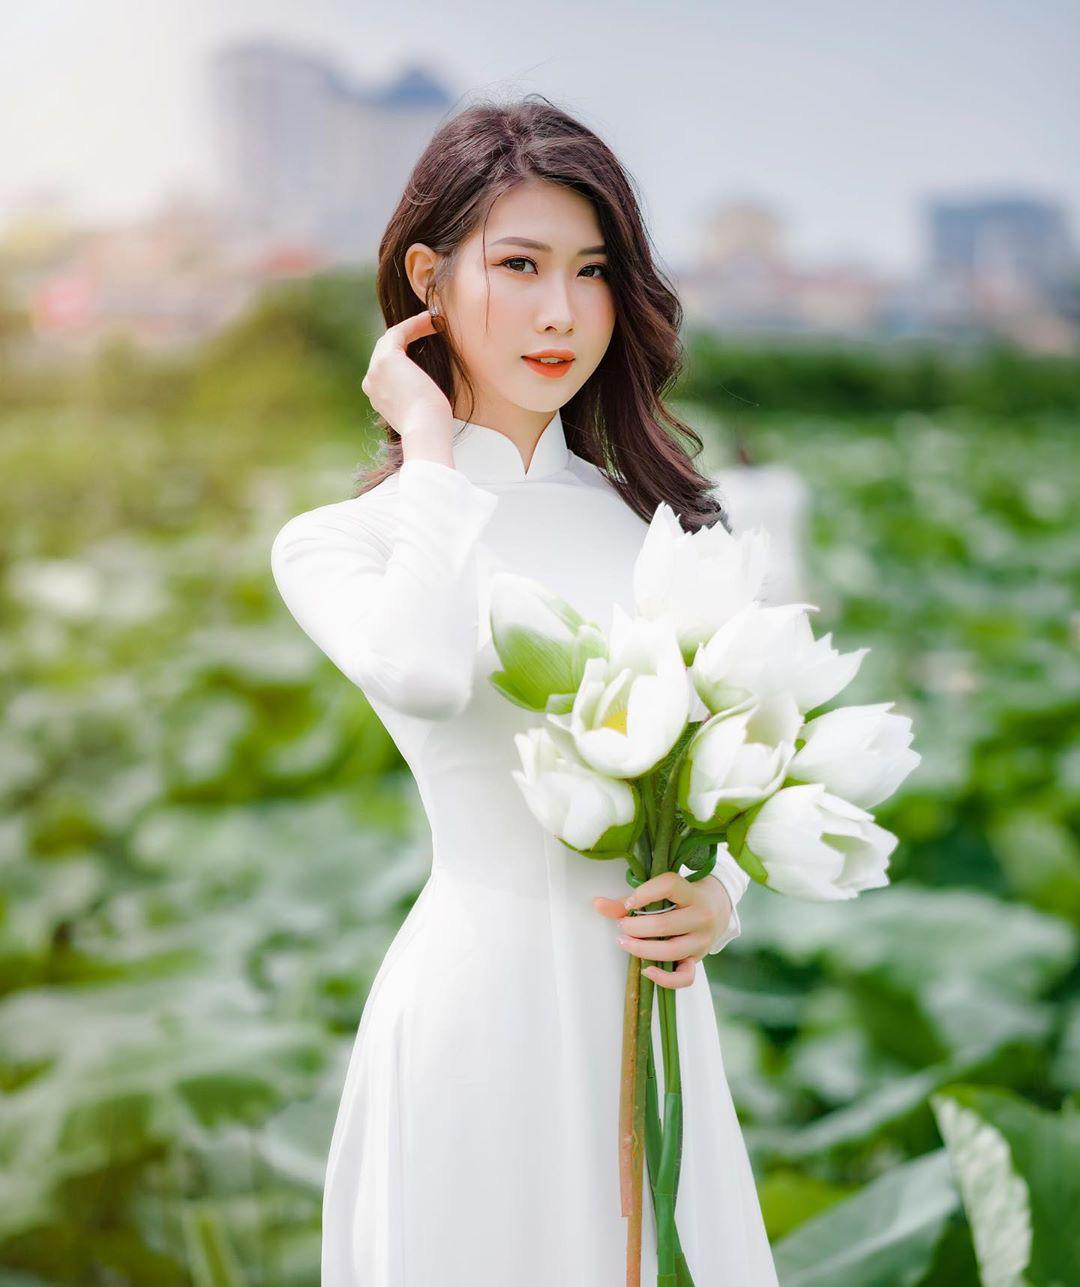 Hiện 9X lại đang là một đối thủ đáng gờm ở Hoa hậu Việt Nam 2020